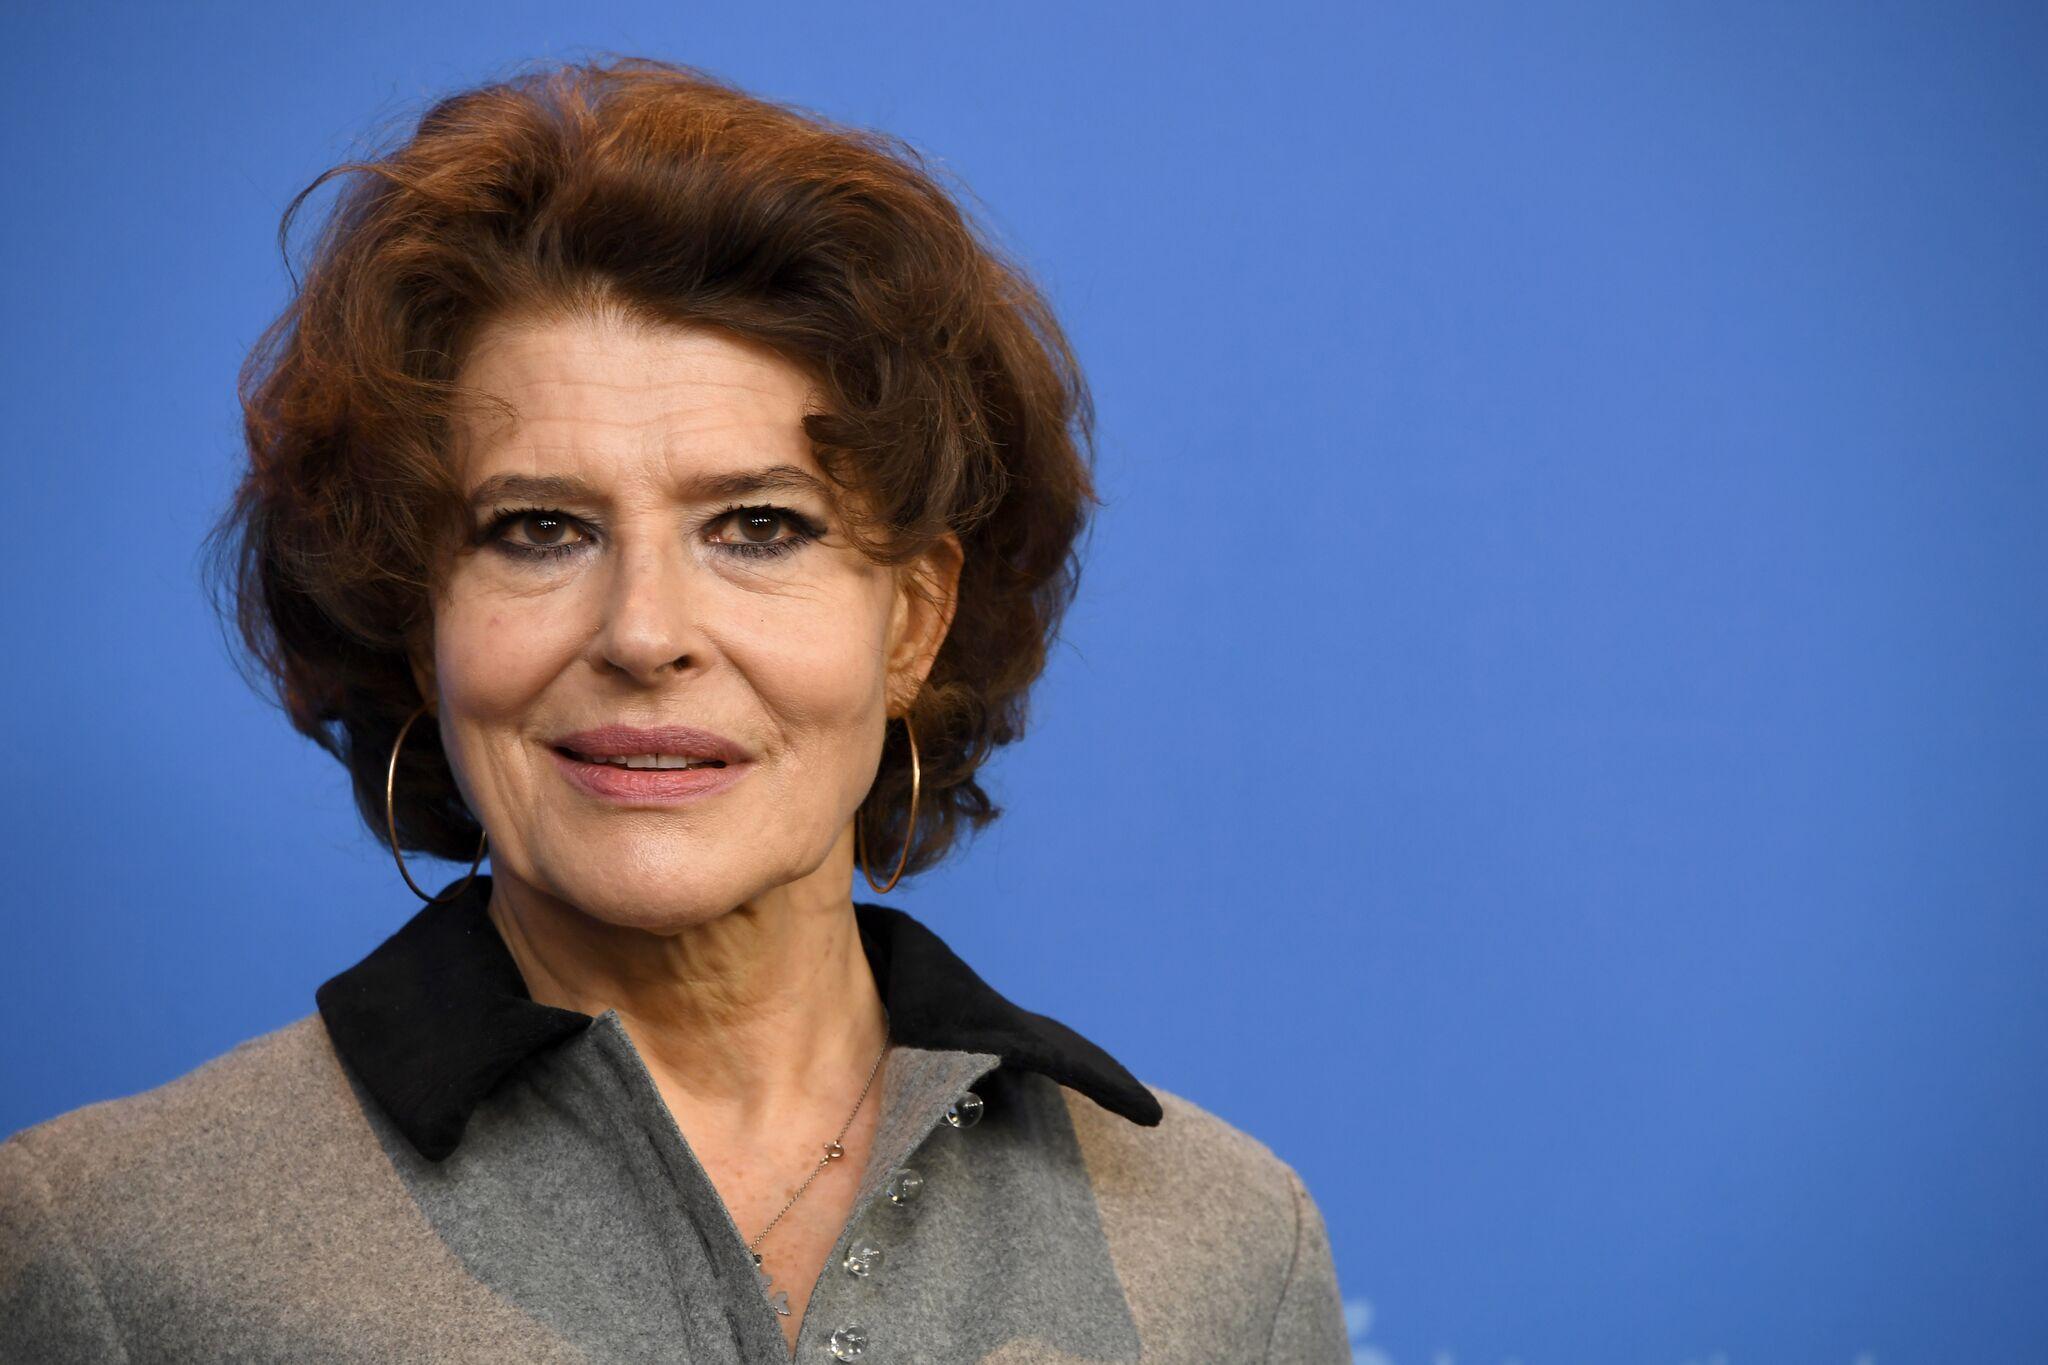 La comédienne Fanny Ardant. l Source: Getty Images